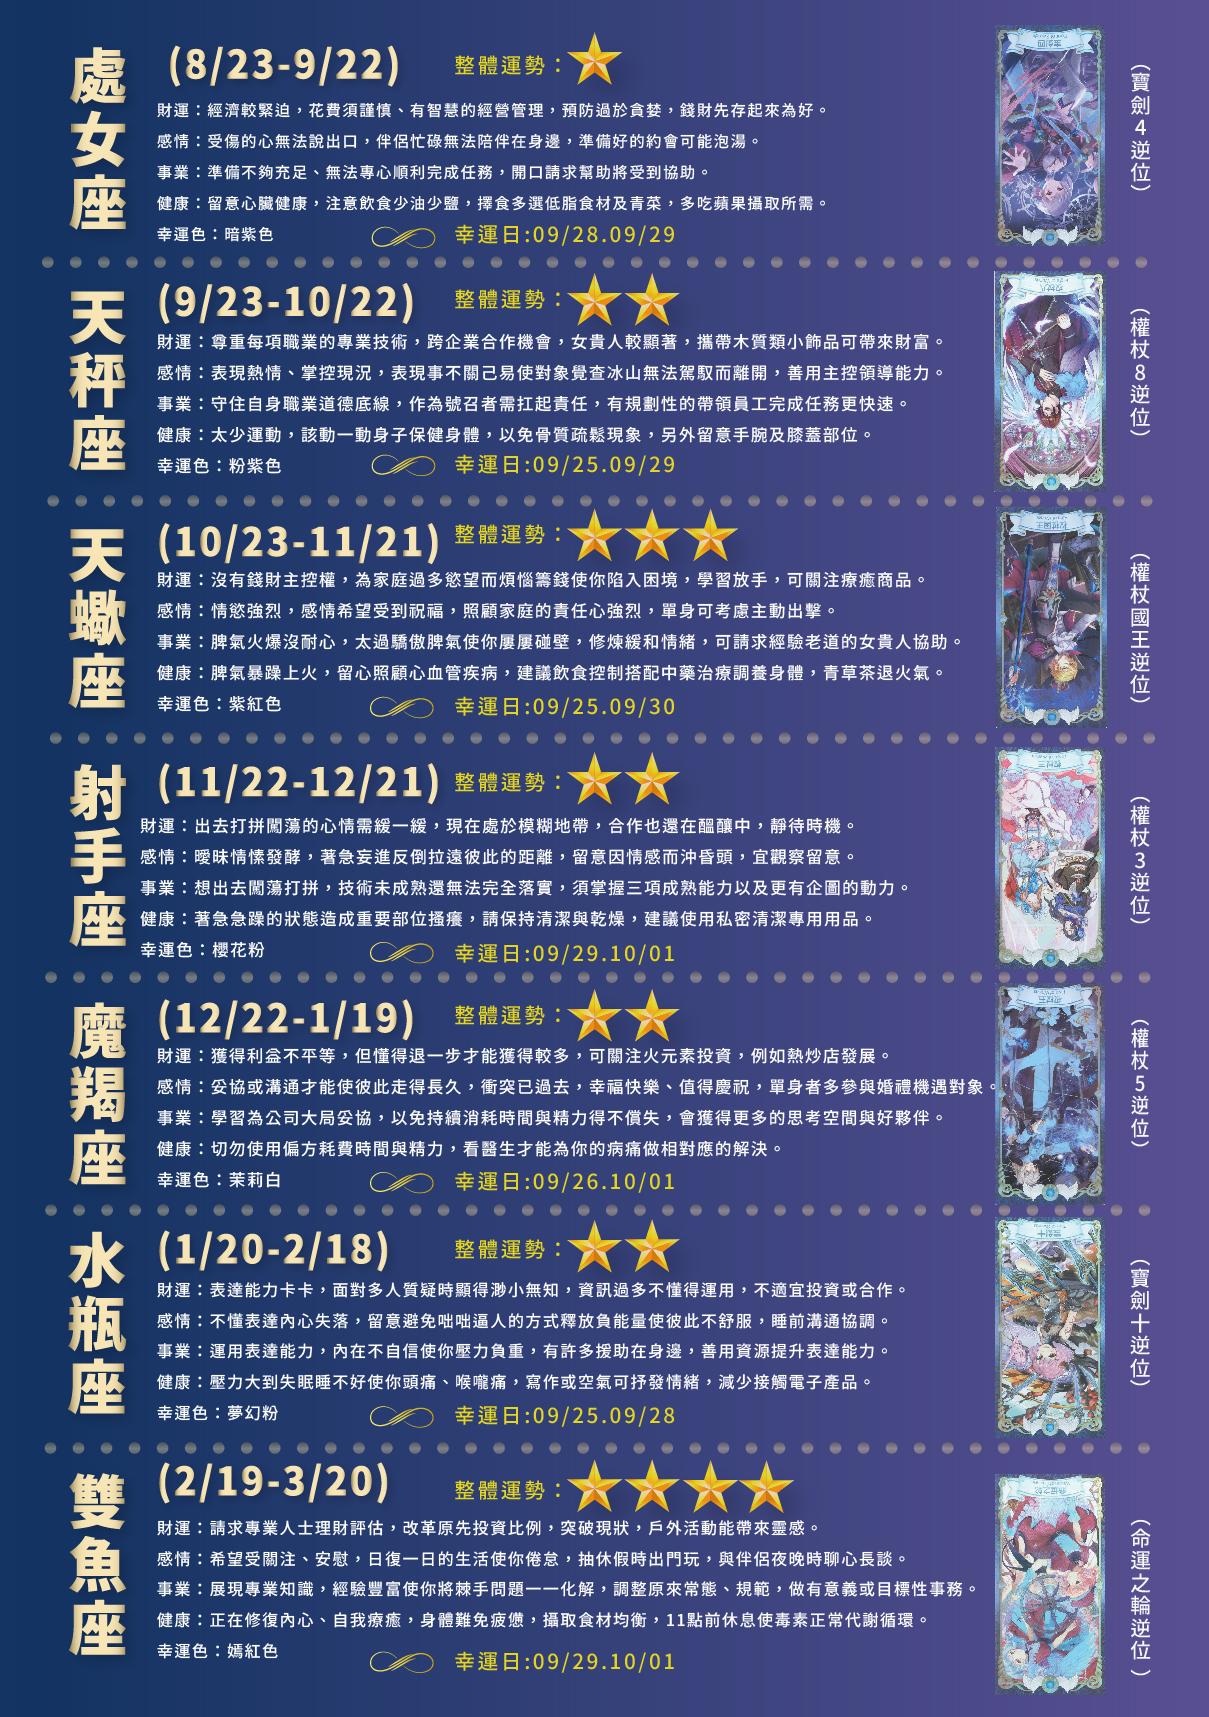 雜誌星座運勢-03